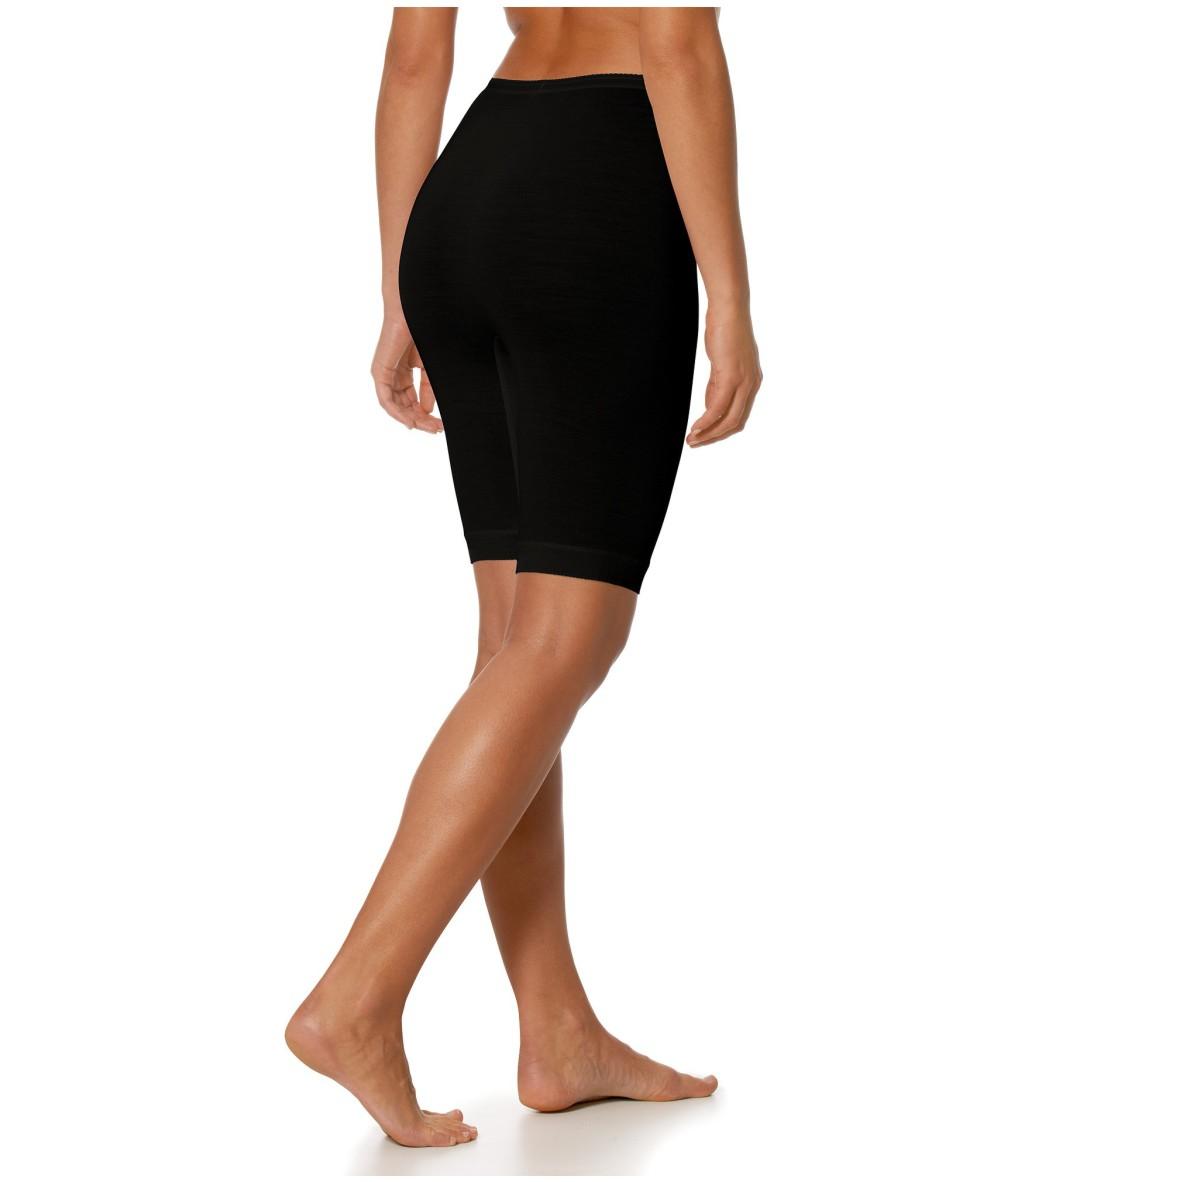 gehobene Qualität Modern und elegant in der Mode Ruf zuerst Mey Exquisite Damen Schlüpfer knielang - Siemers Online-Shop